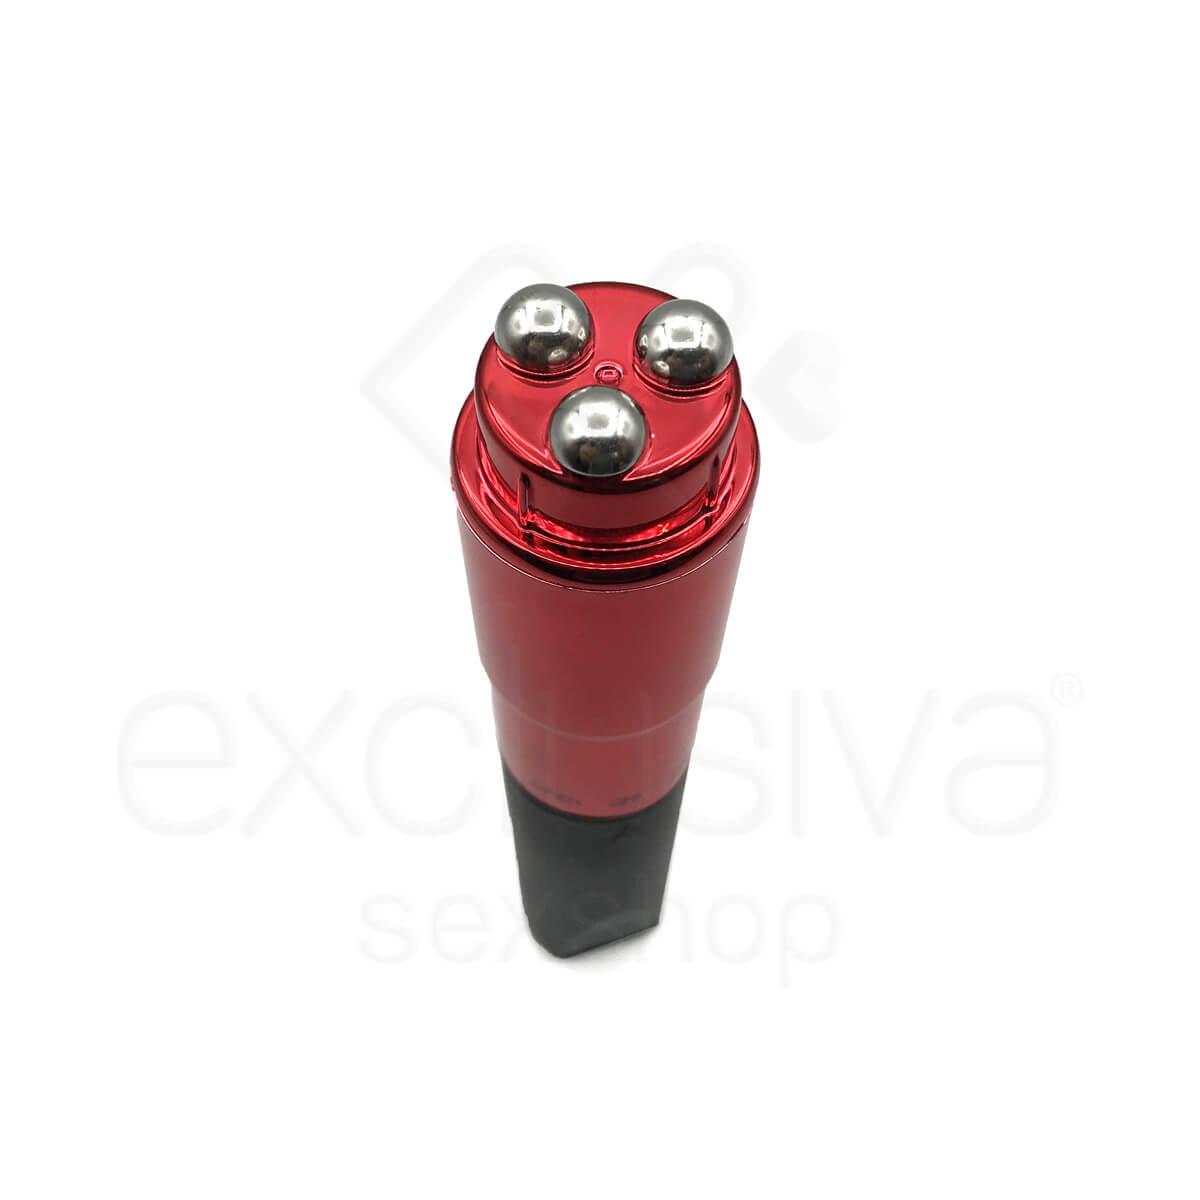 Estimulador Clitoriano com 3 Esferas em Metal e 10 Modos de Vibração - NAN213